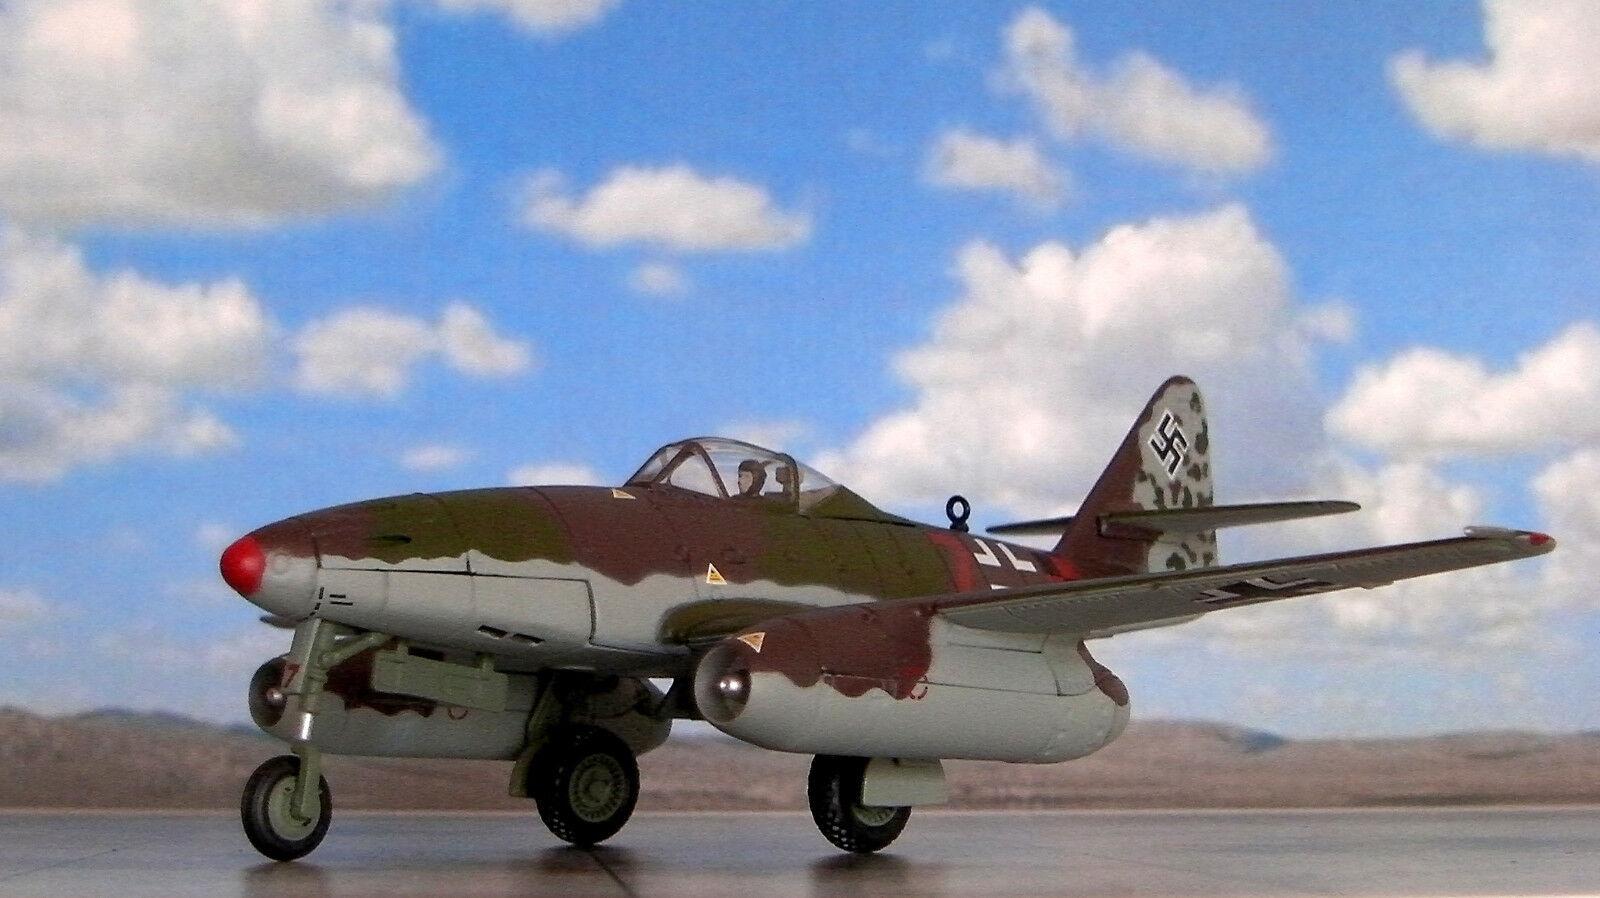 Corgi aa35710 messerschmitt me262a-1a rot 7 franz gapp 8.   kg6 podersam, mai 1945